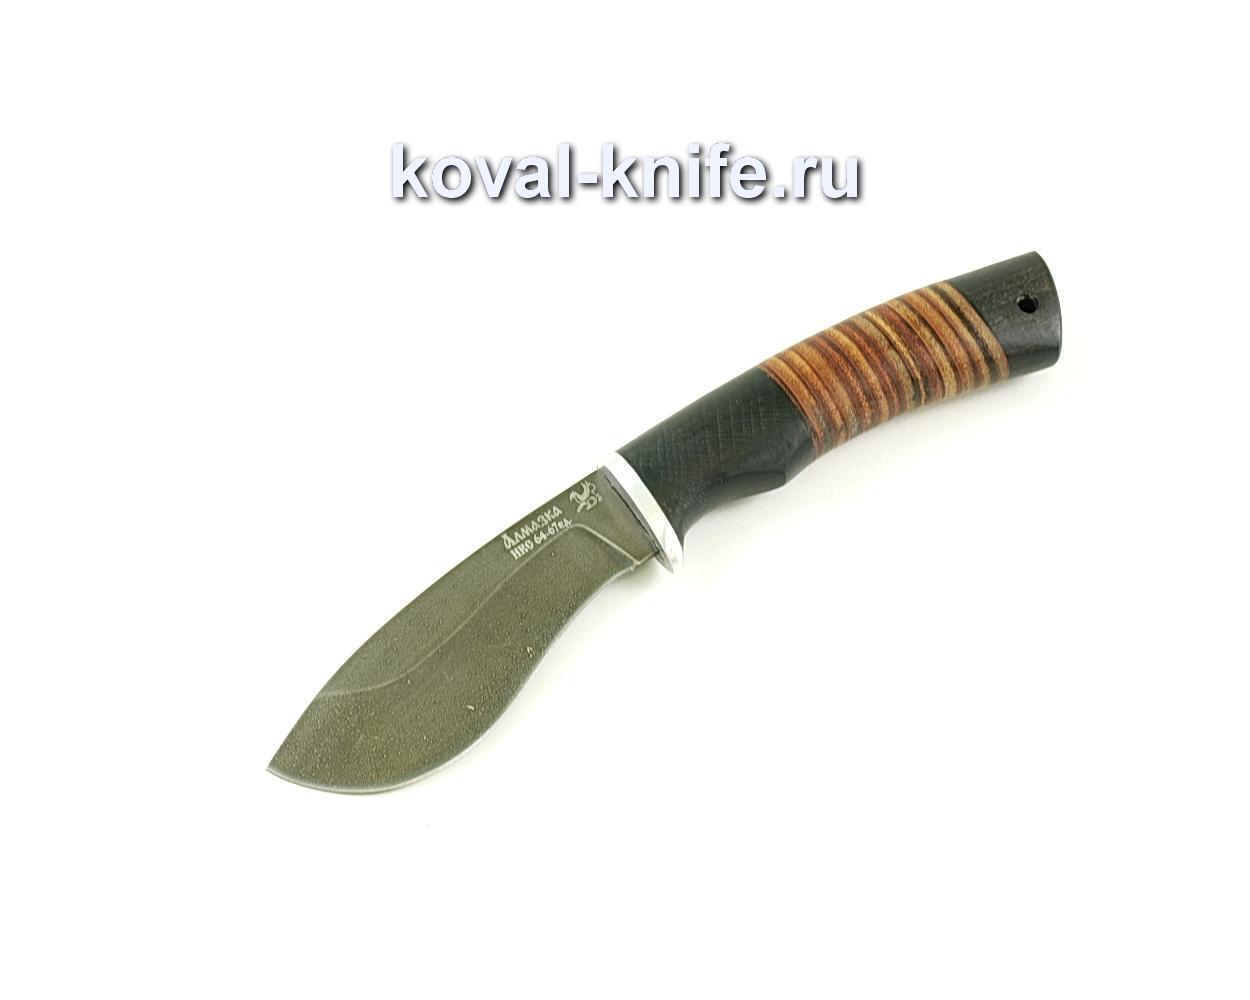 Нож Носорог (сталь ХВ5-алмазка), рукоять граб, кожа A046